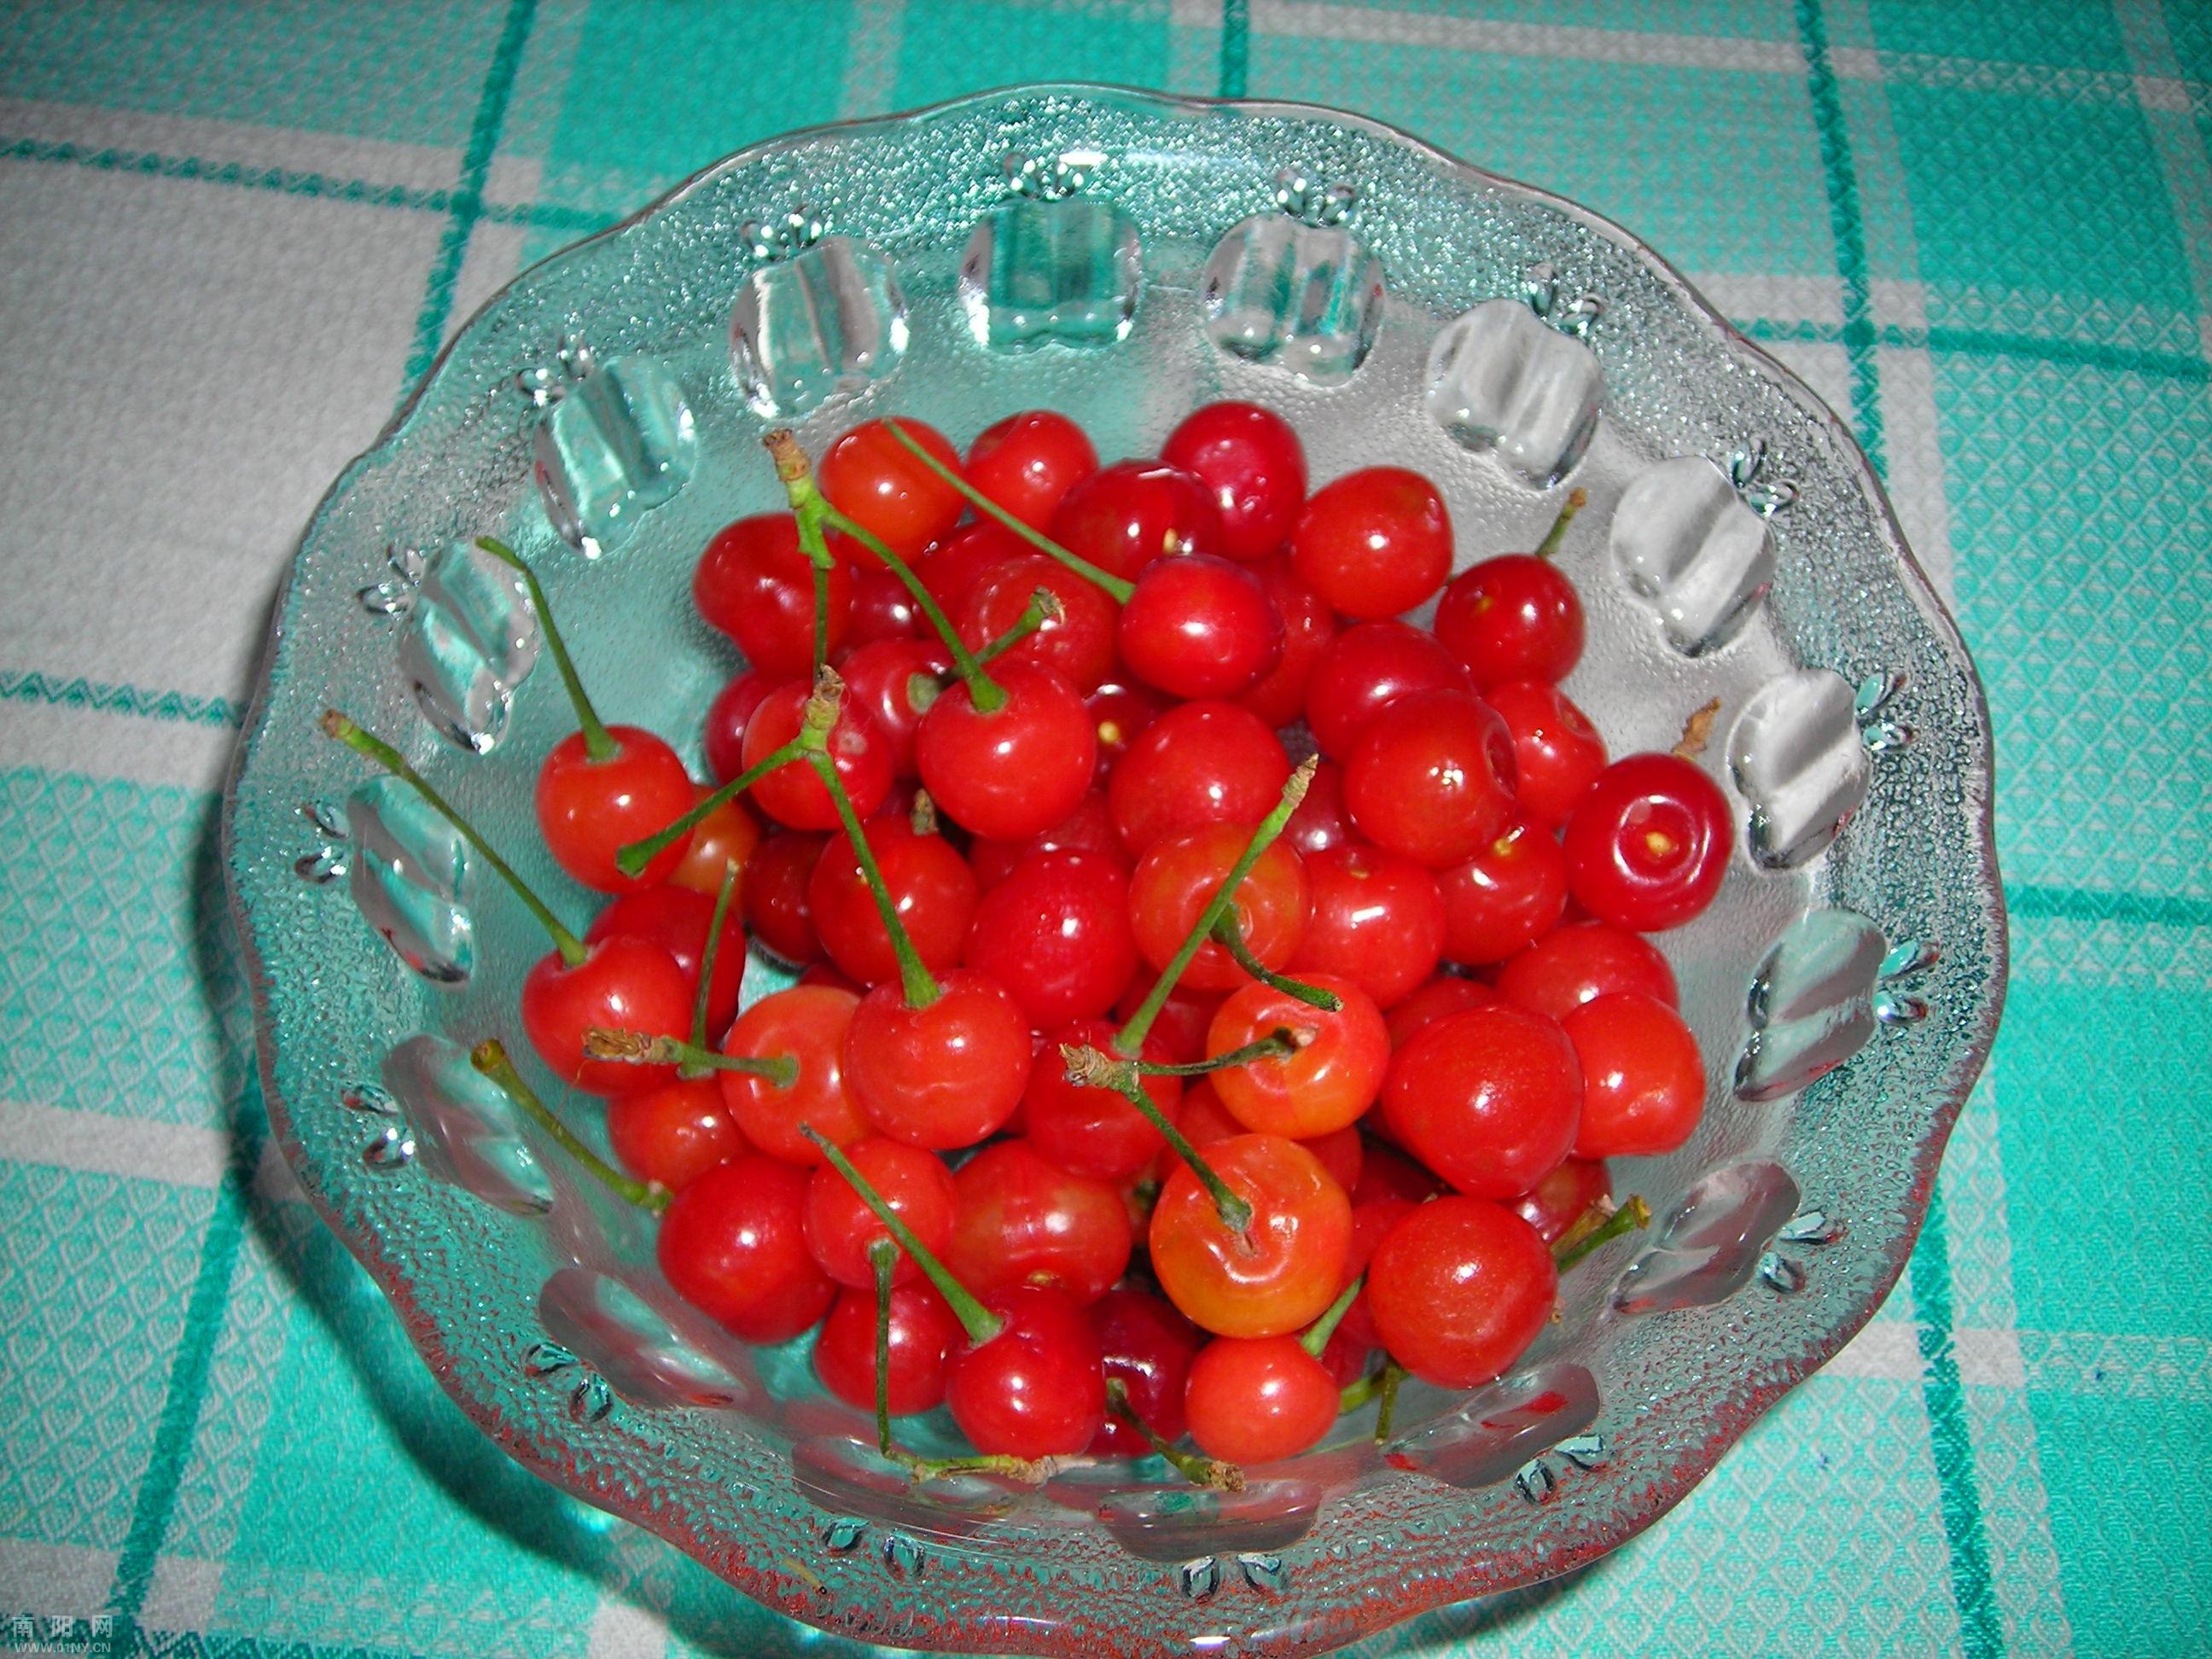 壁纸 矢量 水果 小果 植物 2592_1944